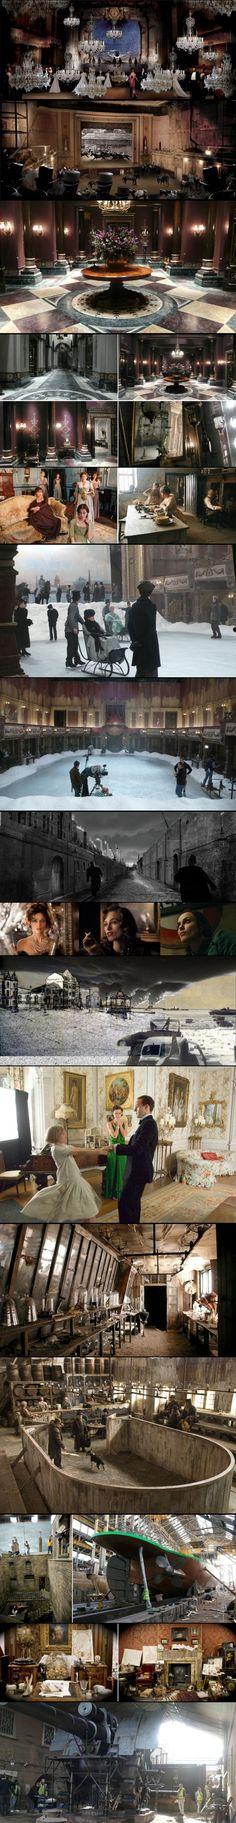 the art of set design - Anna Karenina, Atonment, Sherlock Holmes - Sarah Greenwood